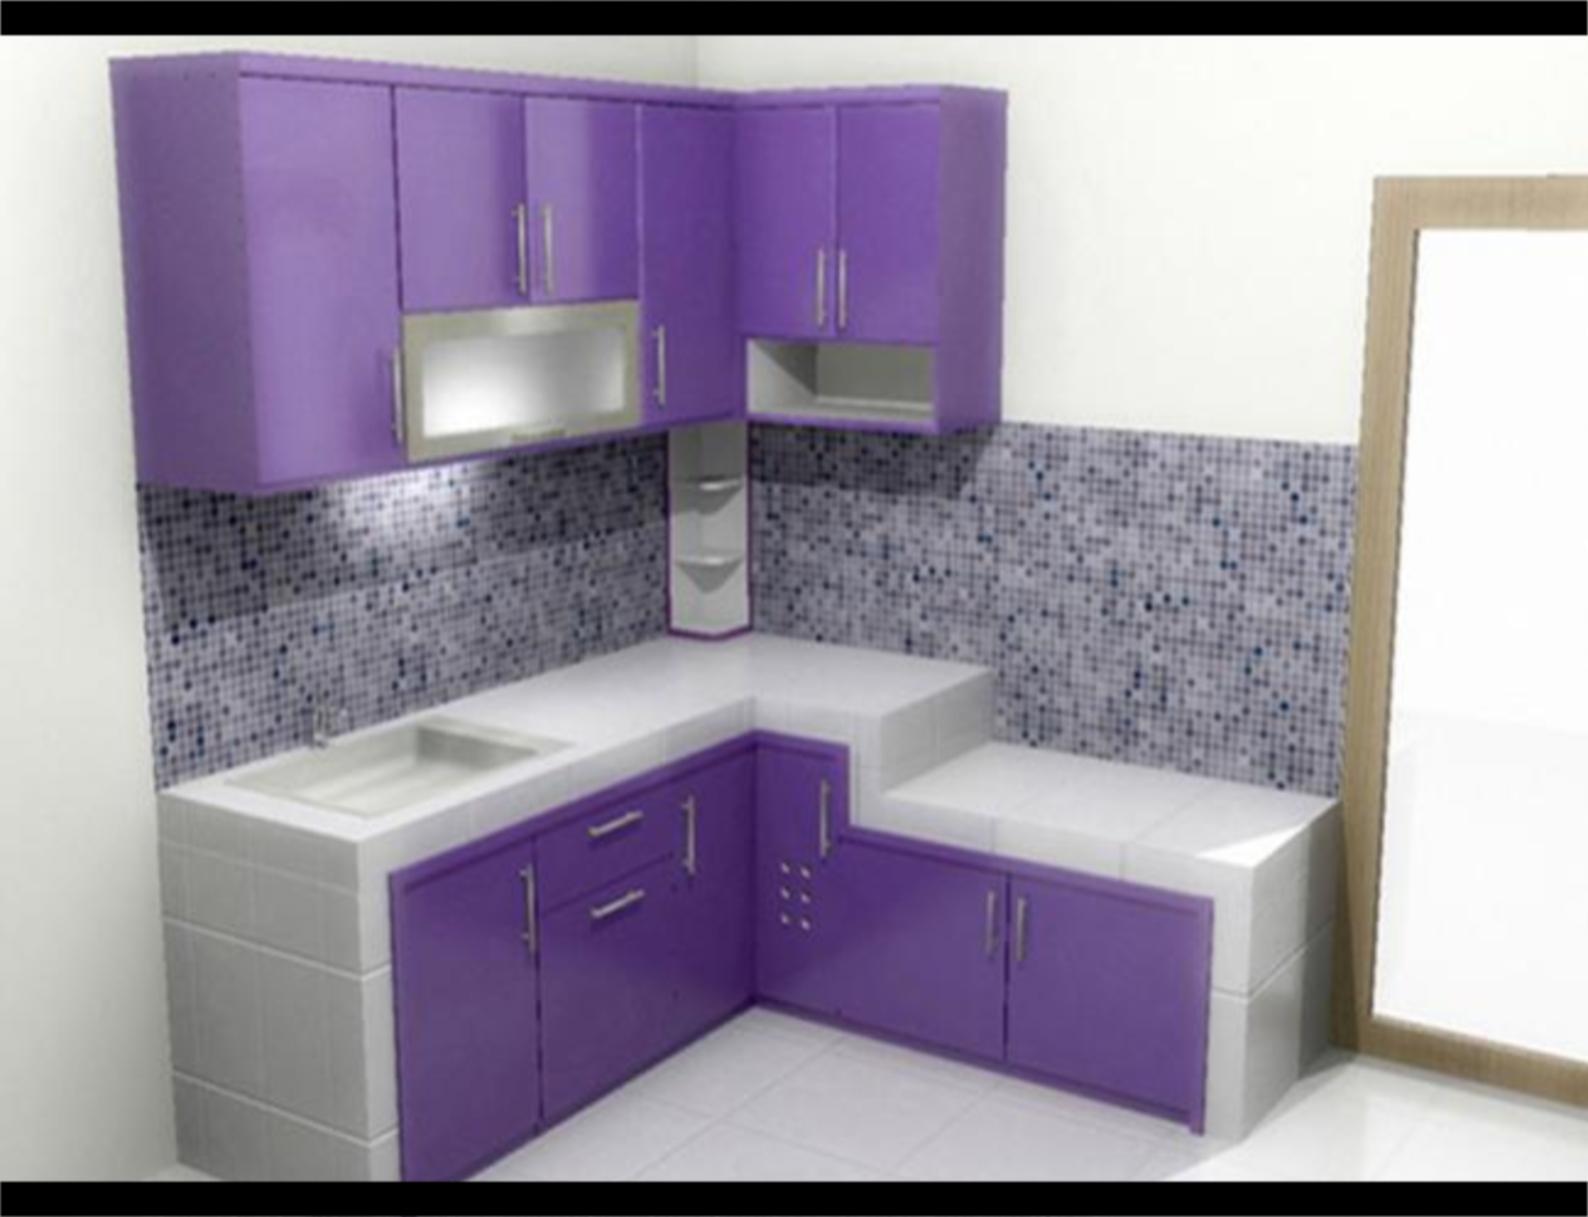 Desain Rumah Minimalis Warna Ungu Desain Gambar Rumah